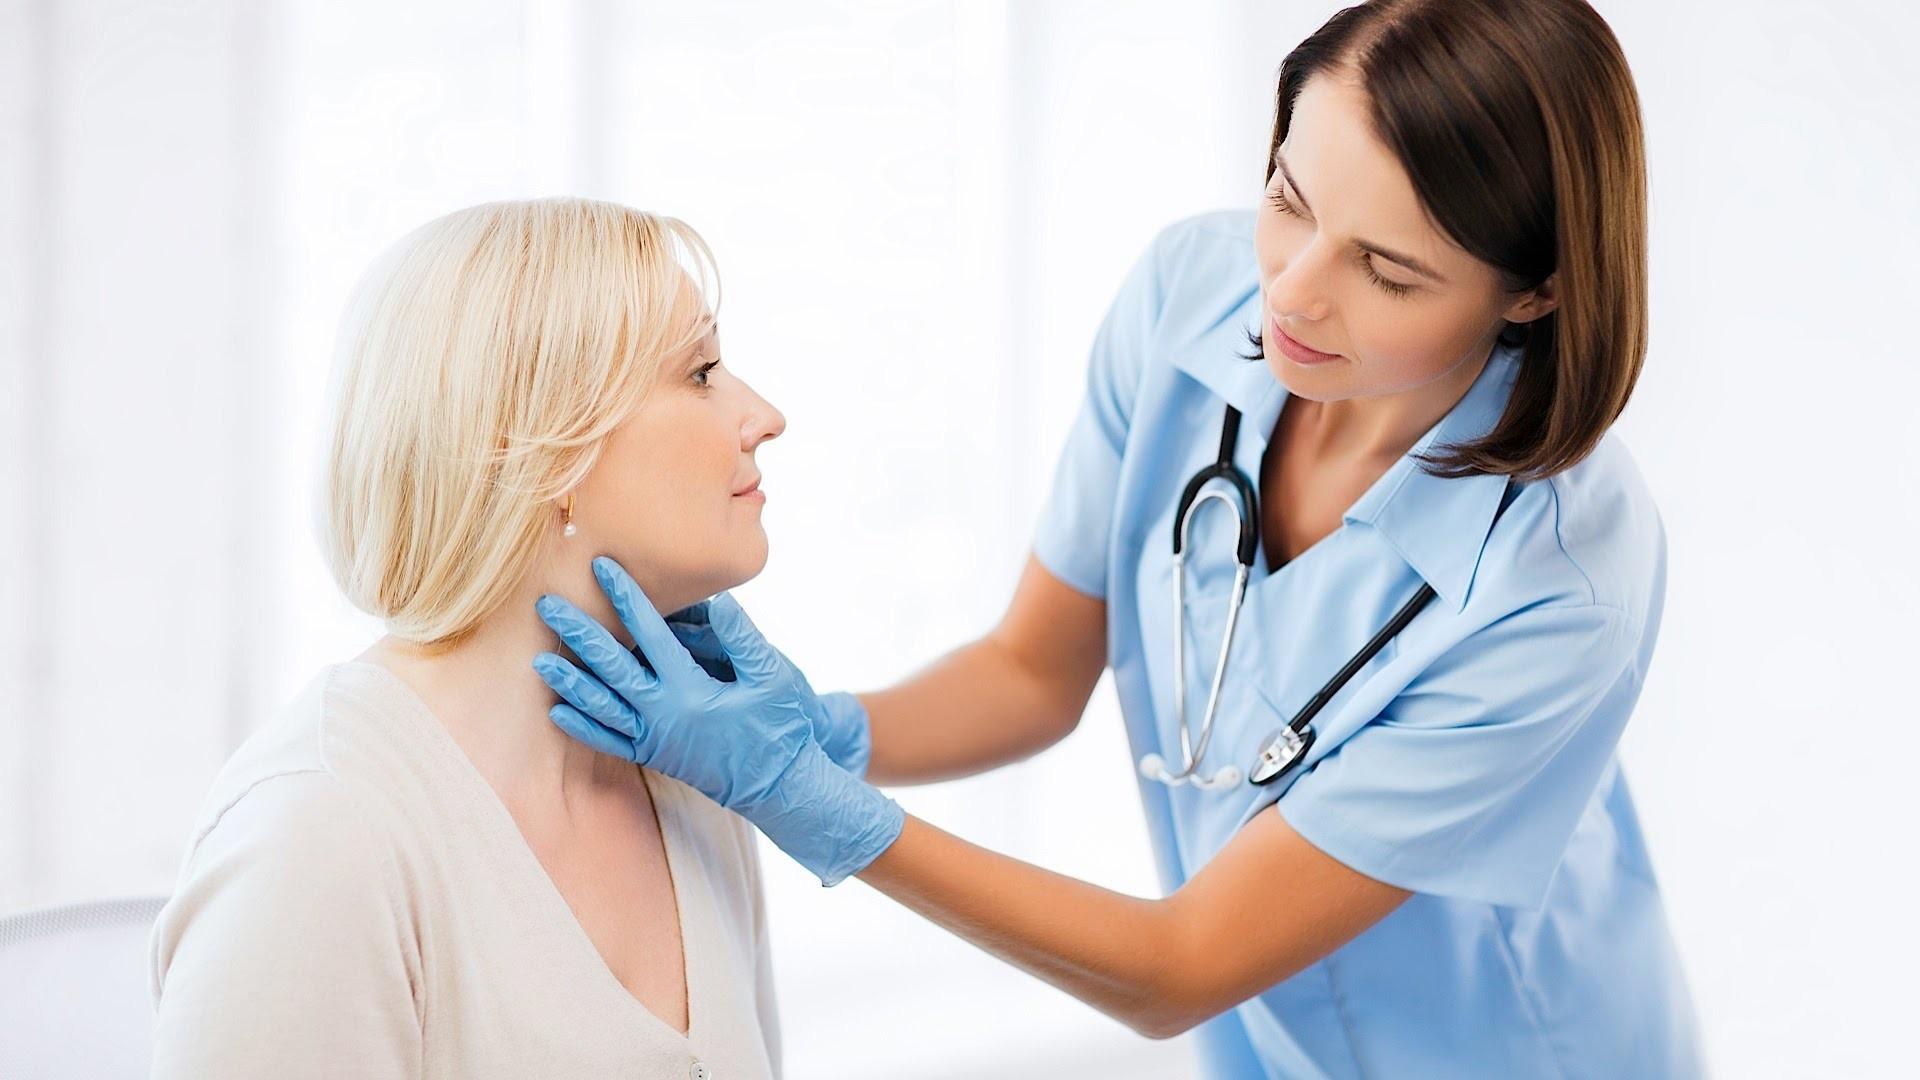 Первые симптомы проблем с щитовидной железой. Консультация эндокринолога